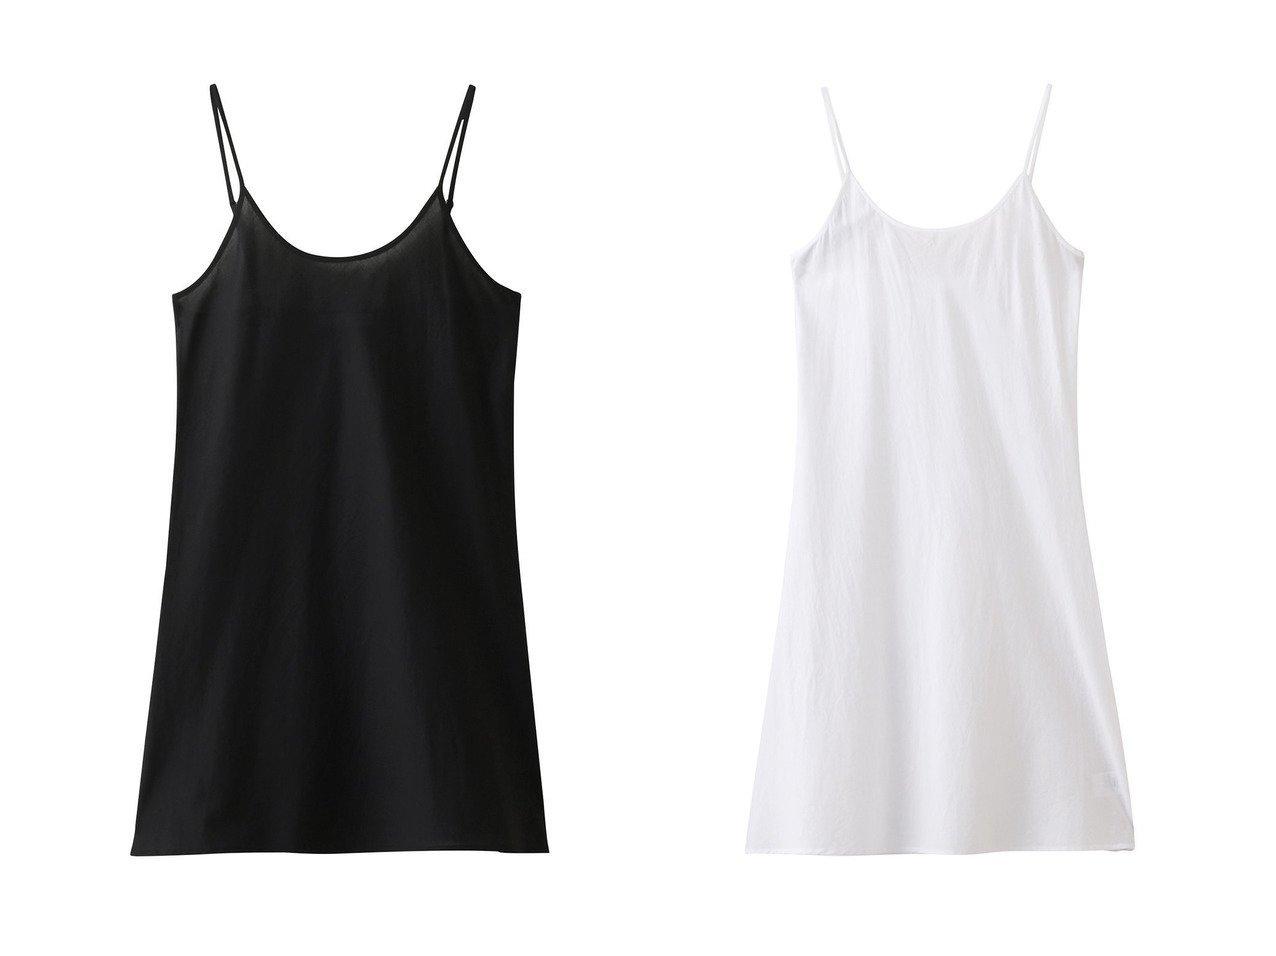 【MERLETTE/マーレット】の【日本限定】ショートスリップドレス&【日本限定】ミディアムスリップドレス 【ワンピース・ドレス】おすすめ!人気、トレンド・レディースファッションの通販 おすすめで人気の流行・トレンド、ファッションの通販商品 インテリア・家具・メンズファッション・キッズファッション・レディースファッション・服の通販 founy(ファニー) https://founy.com/ ファッション Fashion レディースファッション WOMEN ワンピース Dress ドレス Party Dresses インナー シンプル ラップ 定番 Standard  ID:crp329100000054605